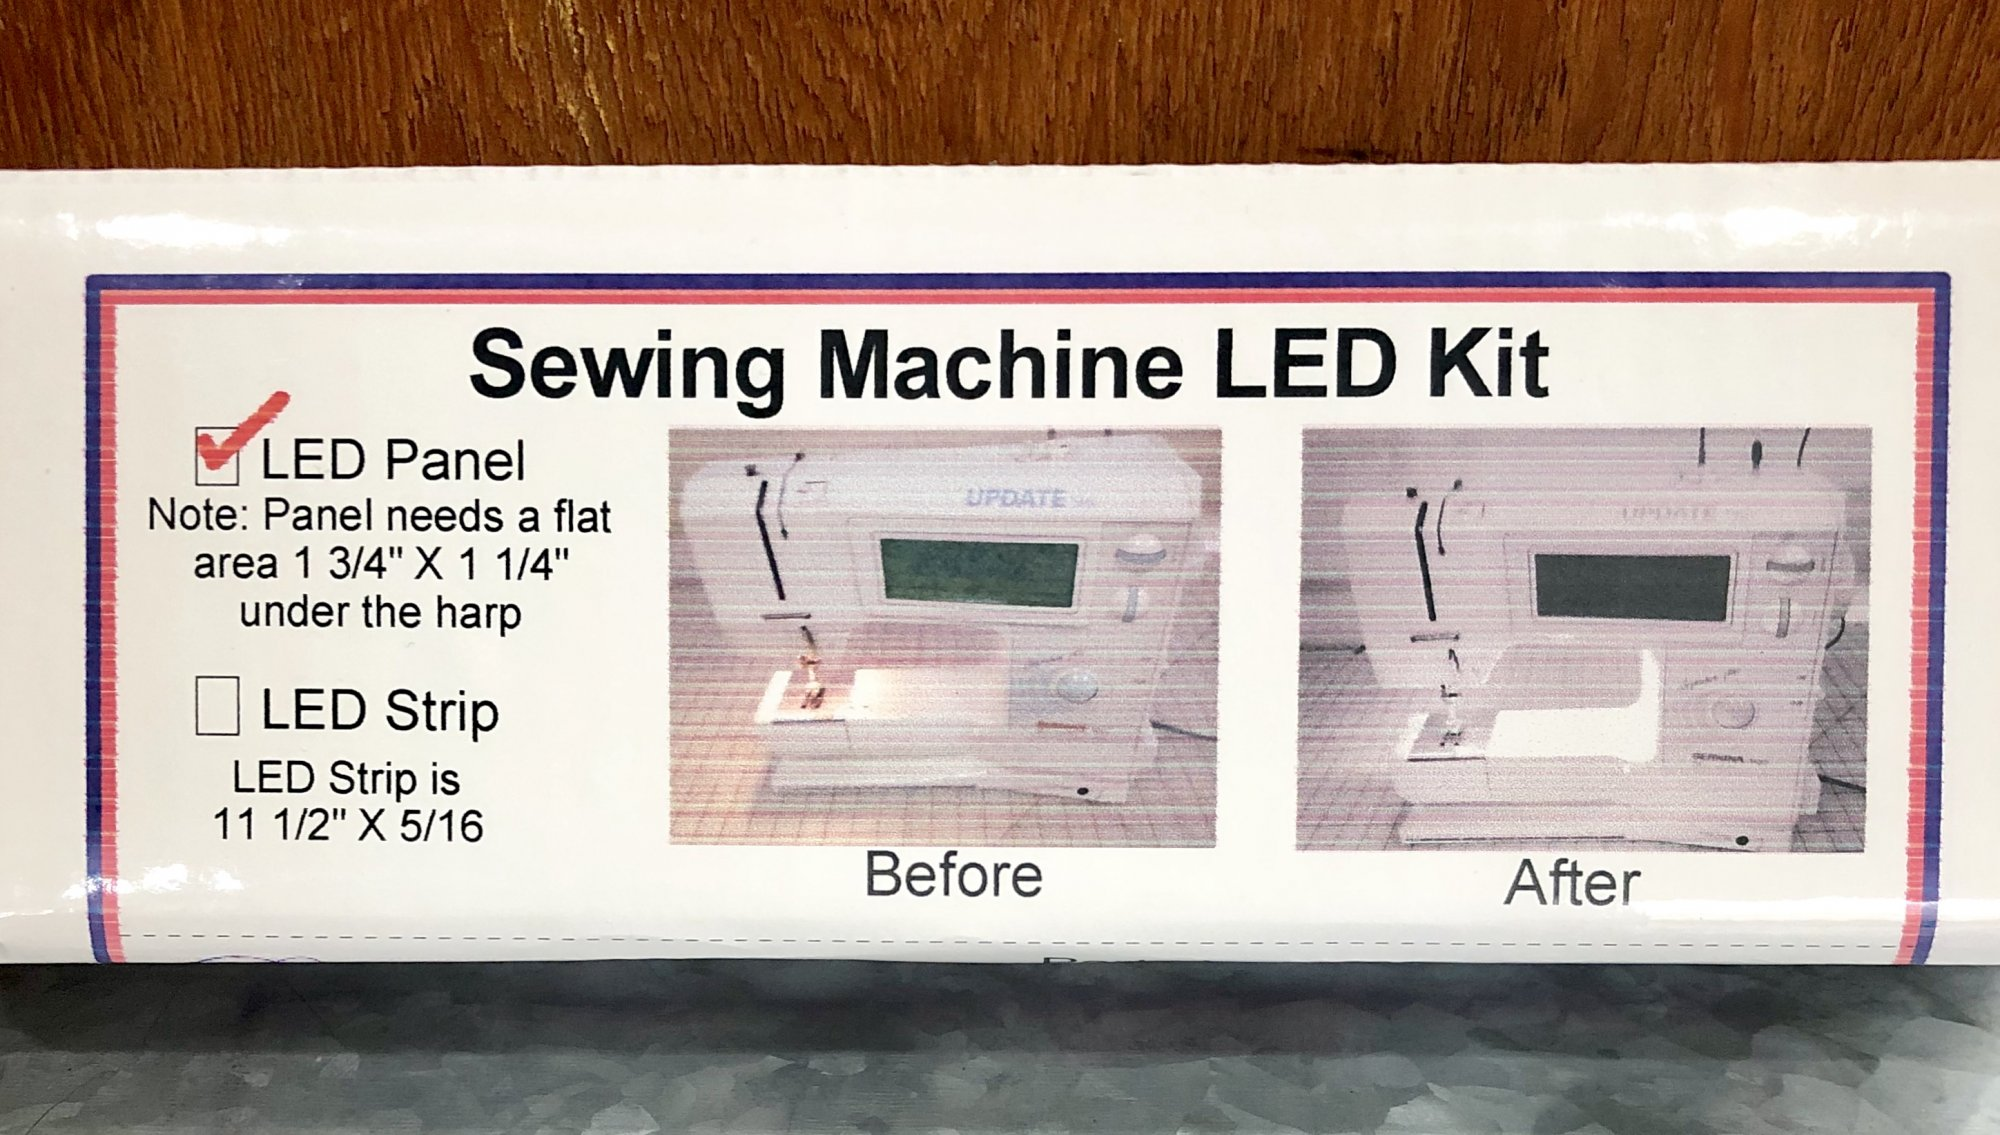 Sewing Machine LED Kit (LED Panel)